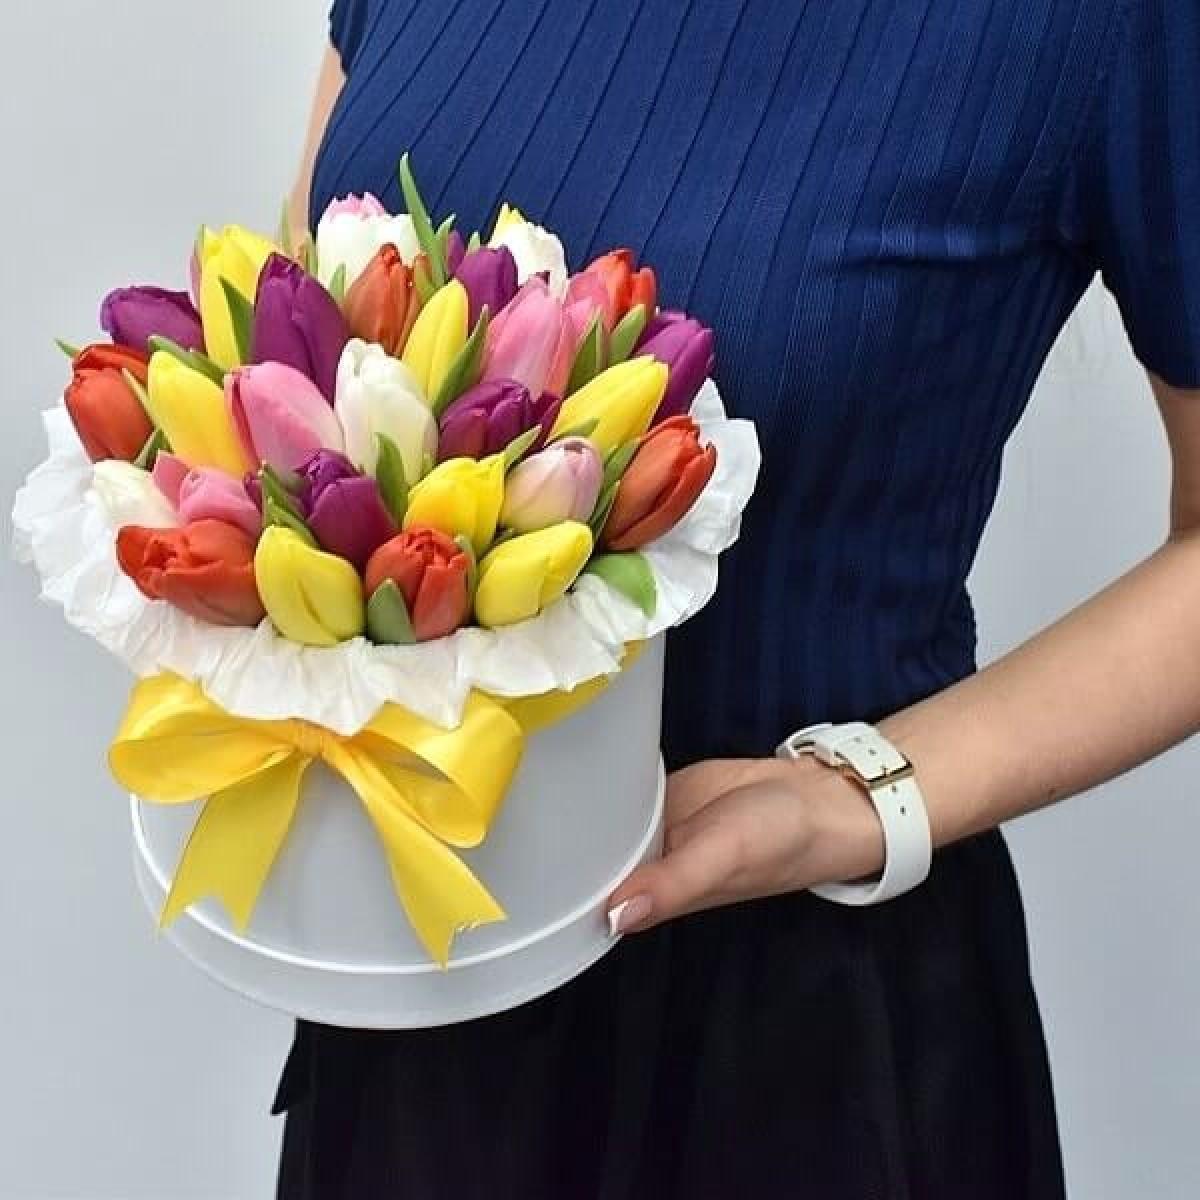 35 пъстроцветни лалета в луксозна кутия